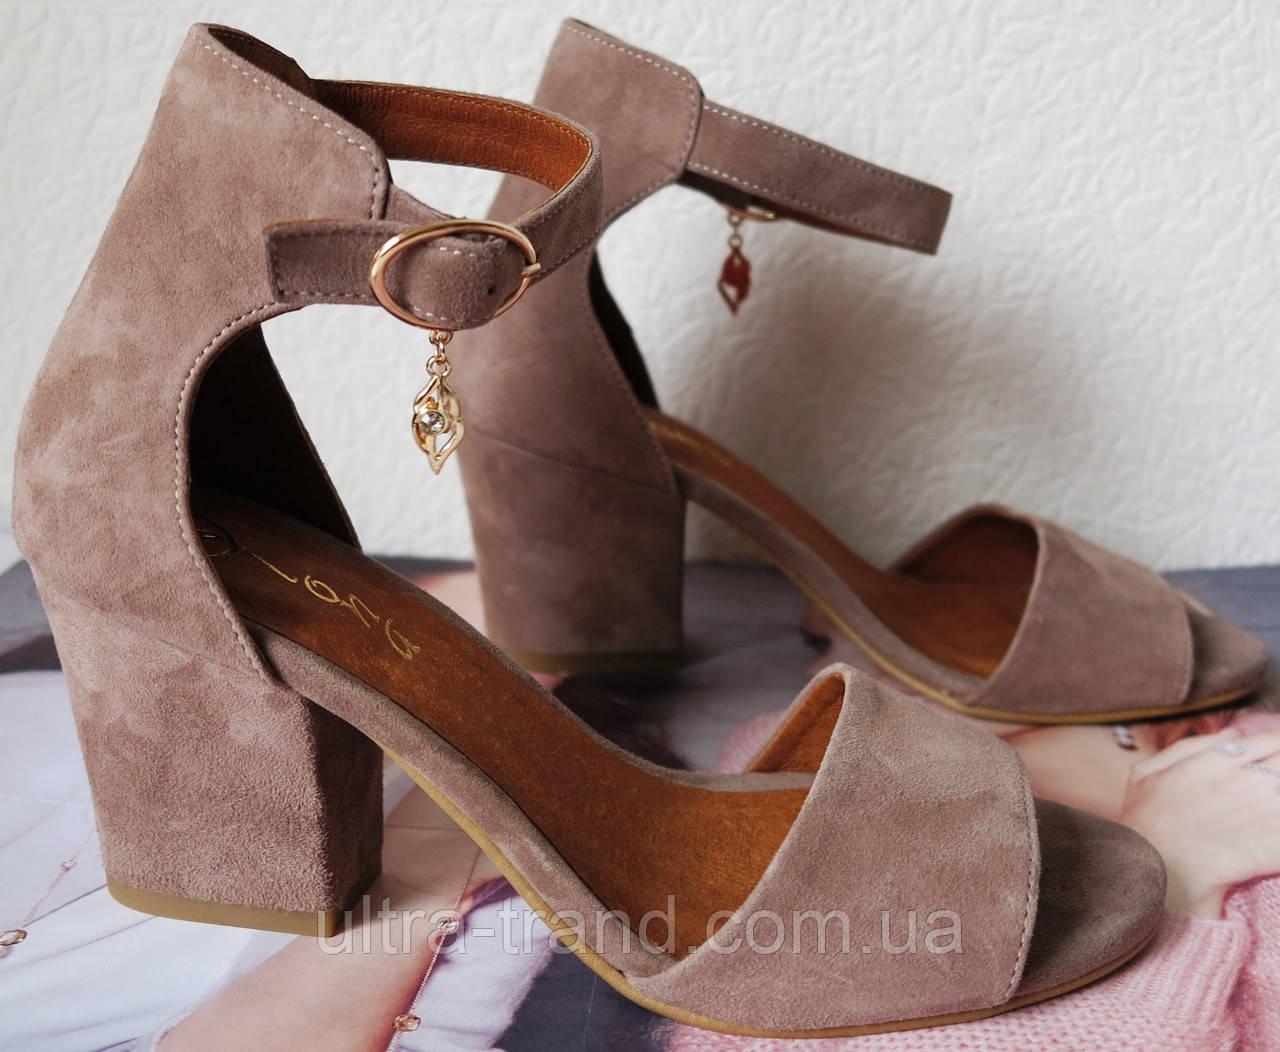 Nona! Летние туфли босоножки на удобном каблуке 7 см замша капучино